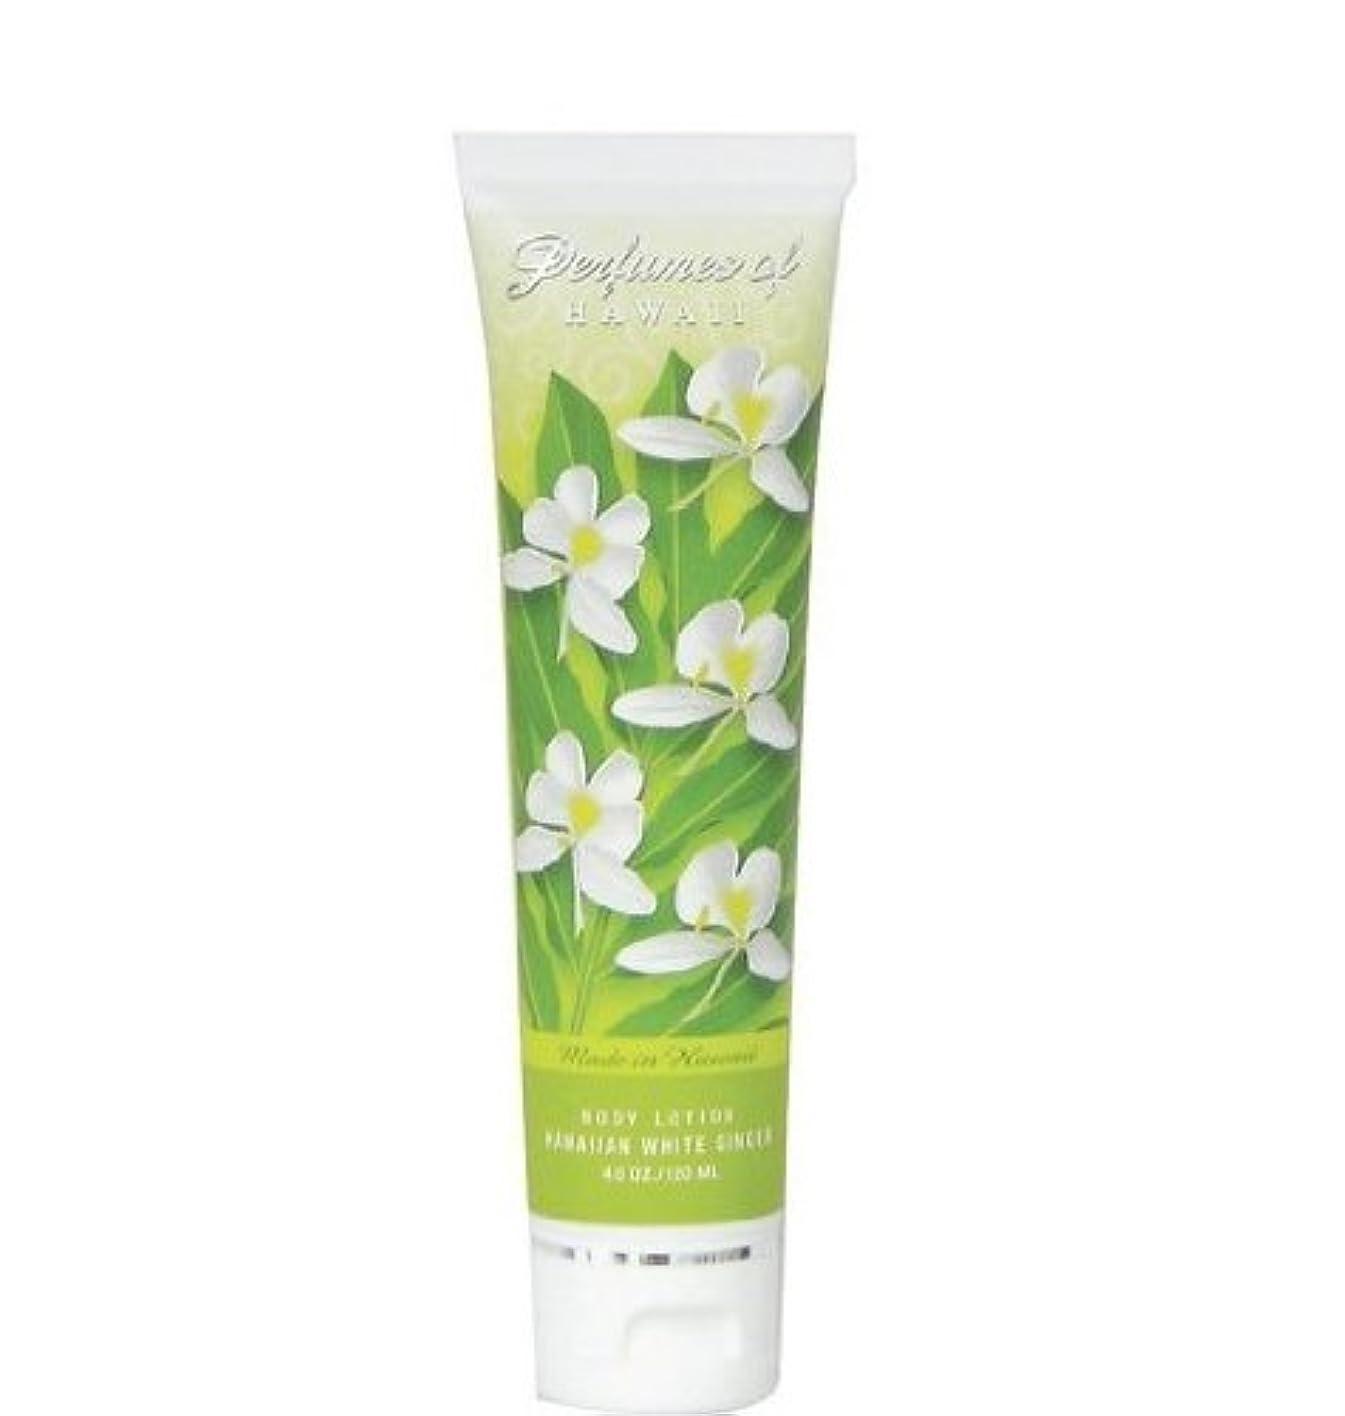 ストラップカストディアン満足できる【2本セット】ハワイ】ホワイトジンジャーボディーローション Hawaiian White Ginger Body Lotion - 4.0 Oz - Perfumes of Hawaii 海外直送品